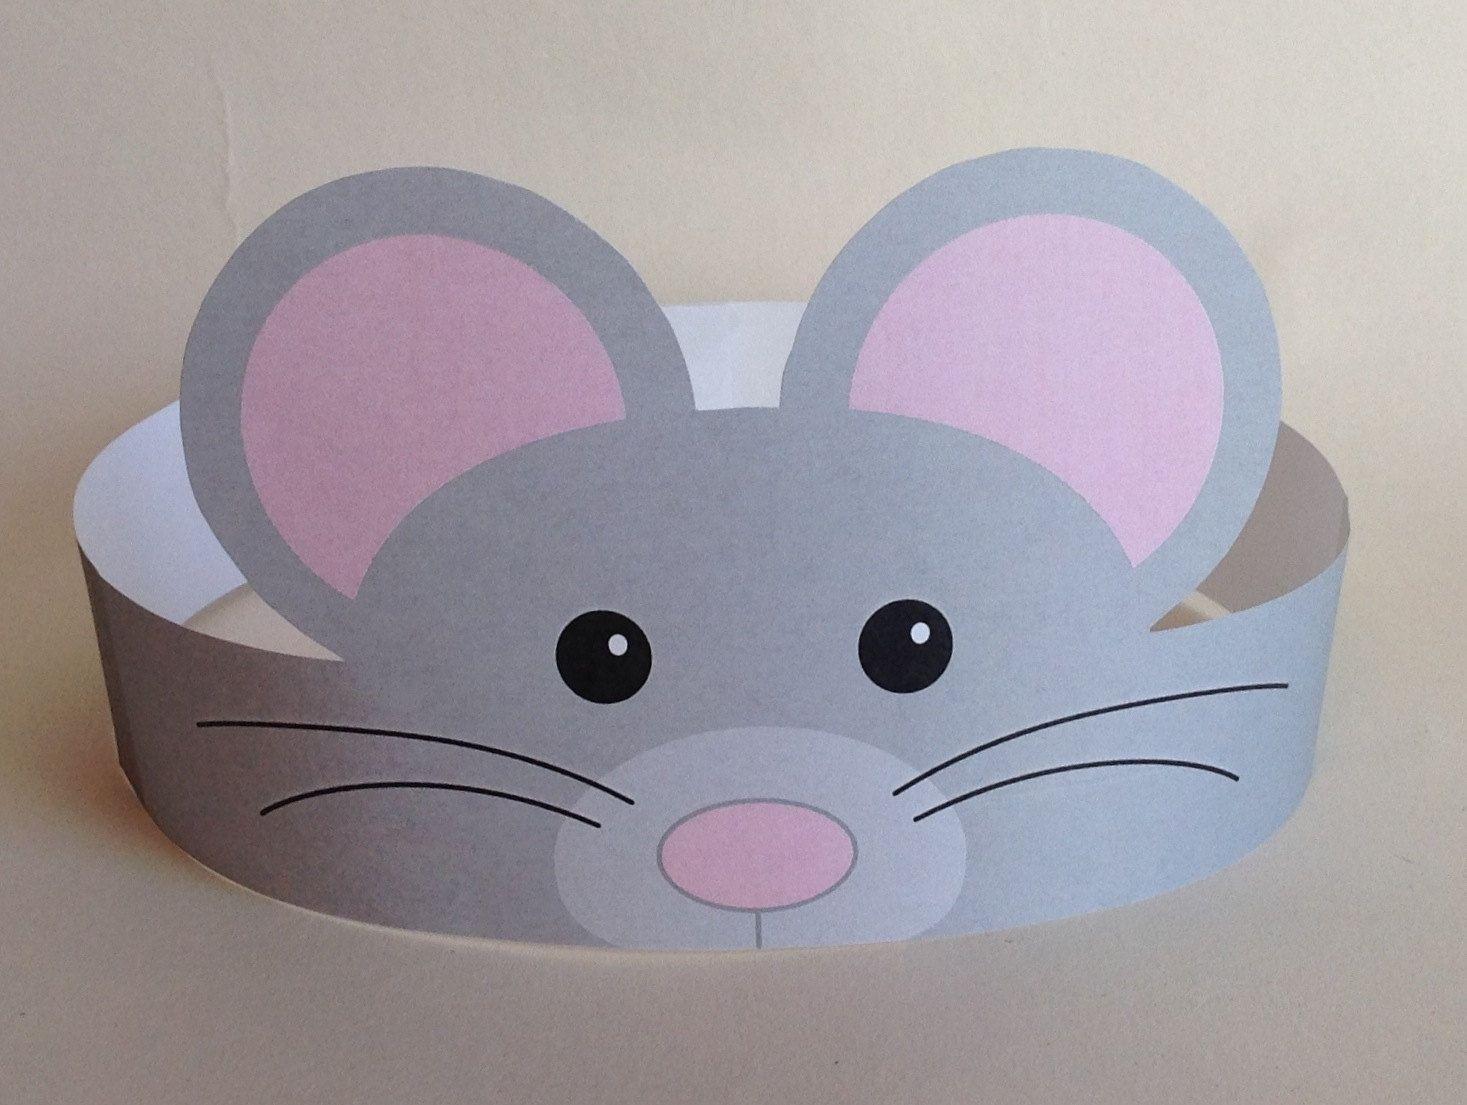 Mouse Paper Crown - Printable | Zahlung, Ausschneiden und Versenden